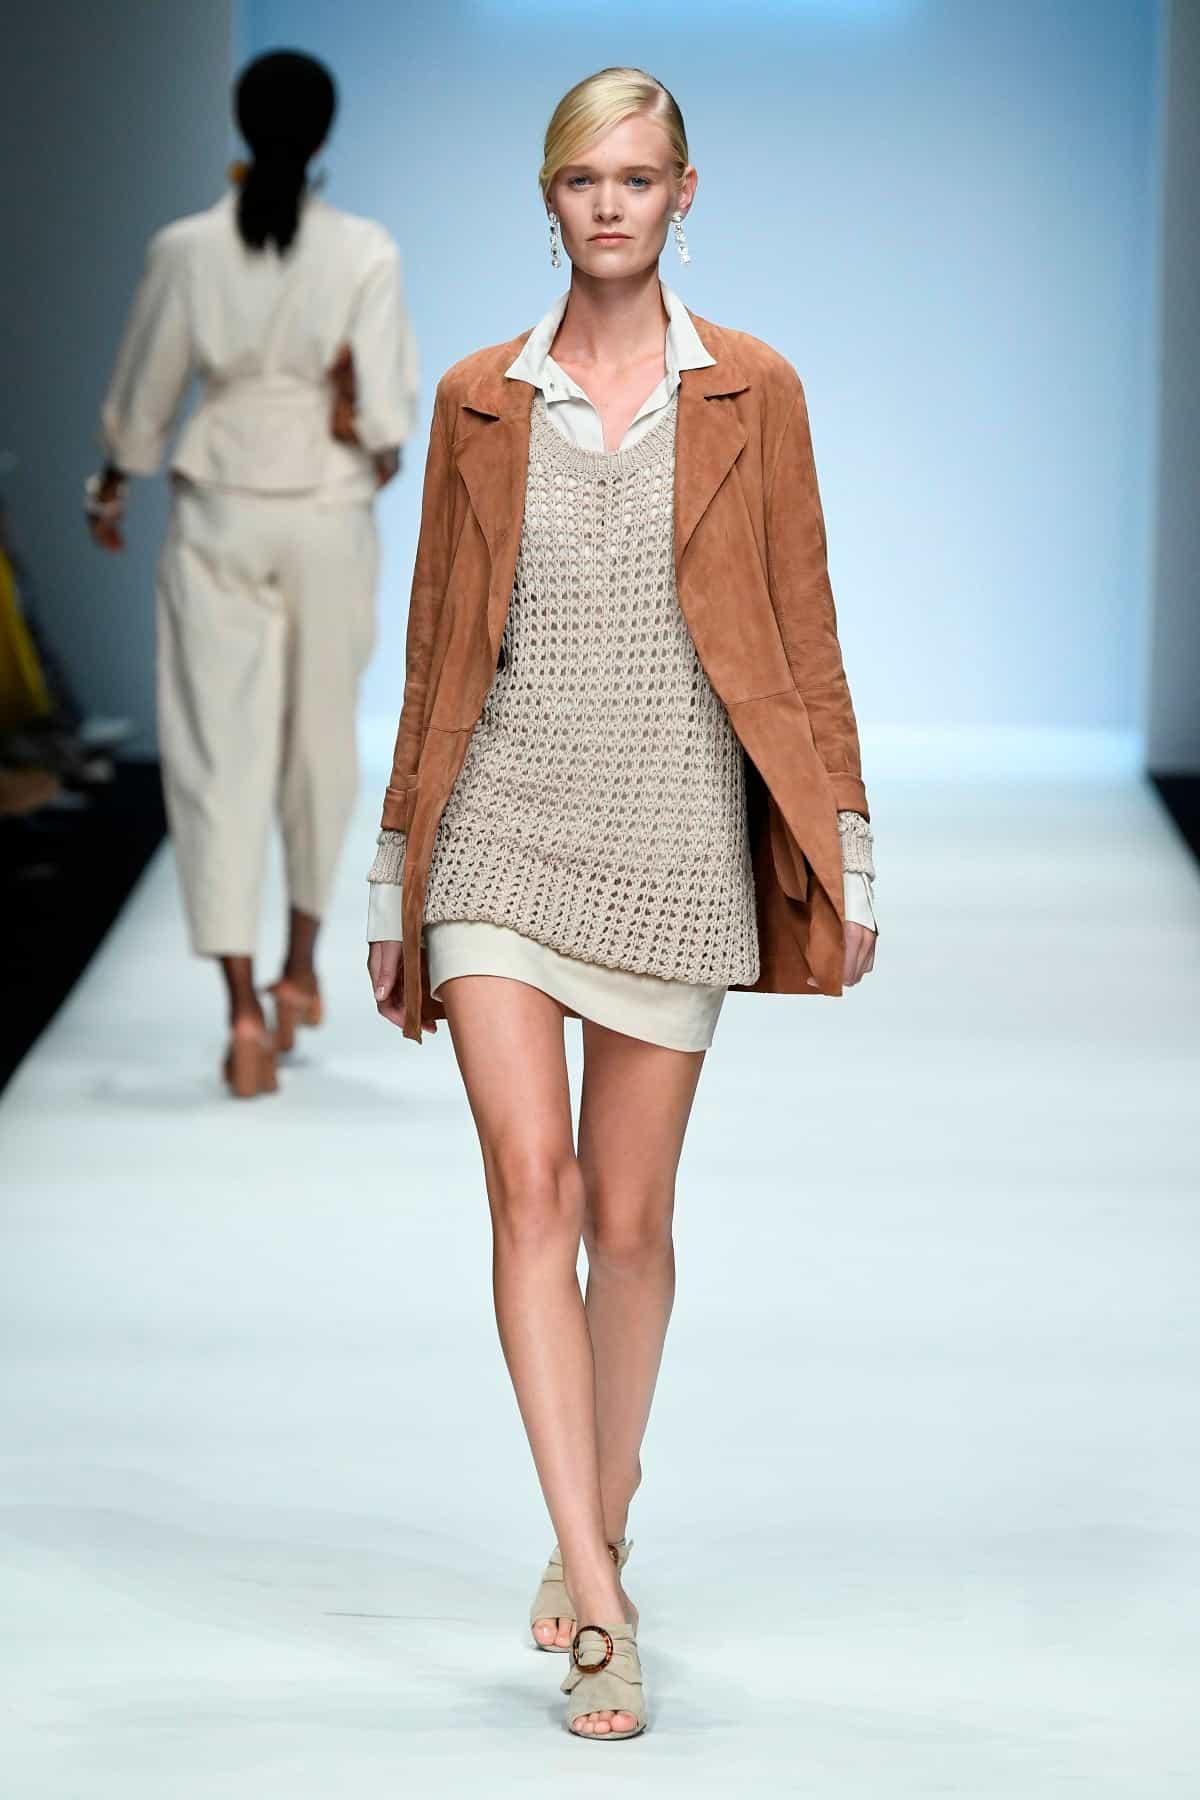 Riani Frühjahr-Sommer-Mode 2020 auf der Mercedes-Benz Fashion Week Berlin im Juli 2019 - 2